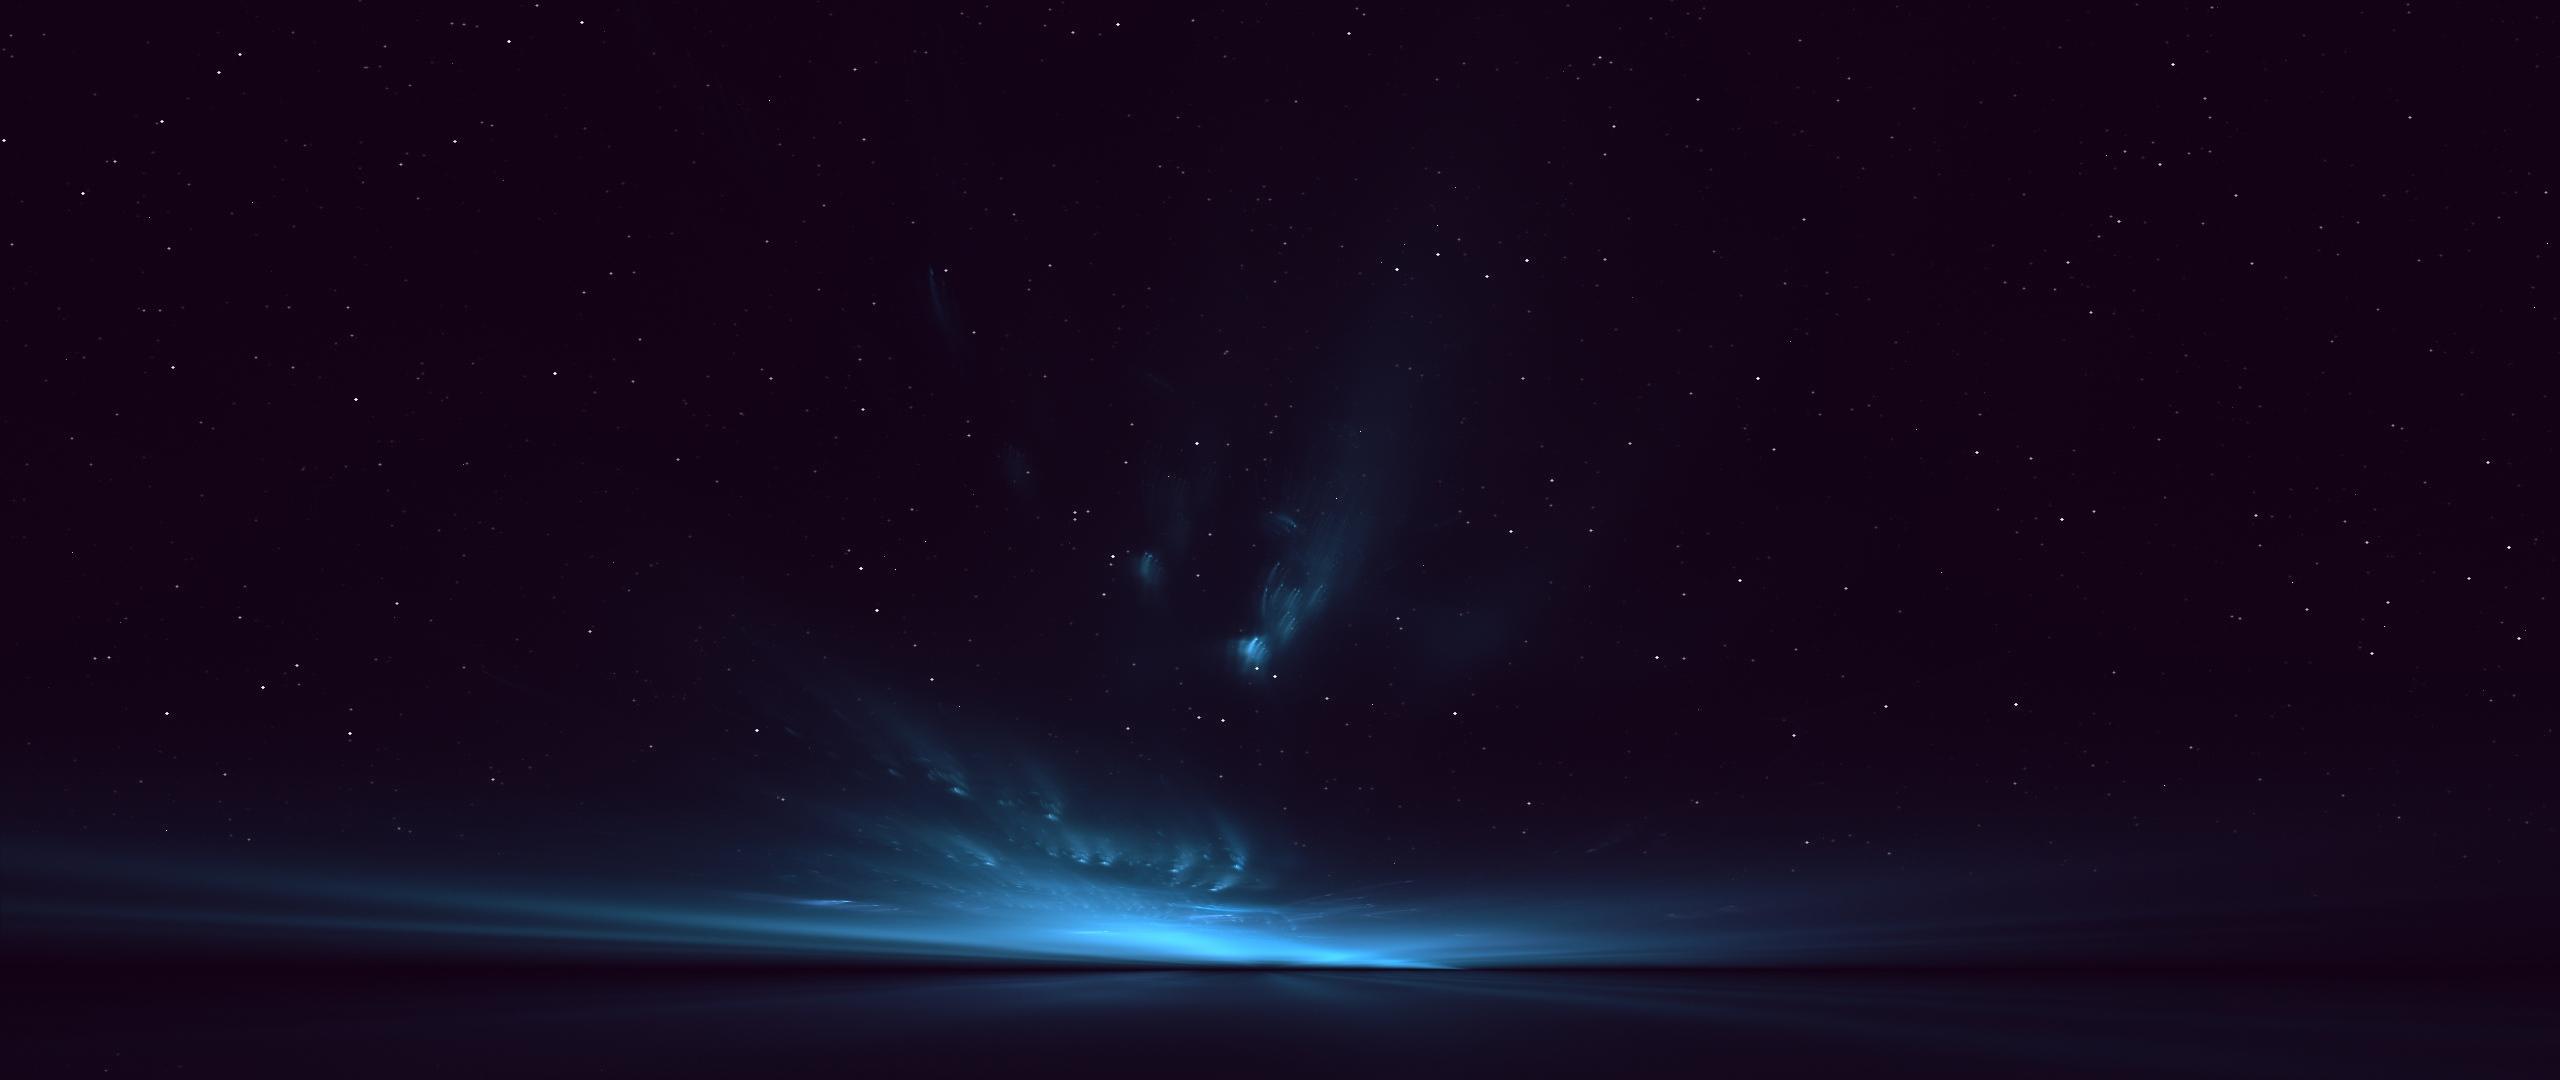 HD Background Blue Aurora Light Space Stars Wallpaper WallpapersByte 2560x1080